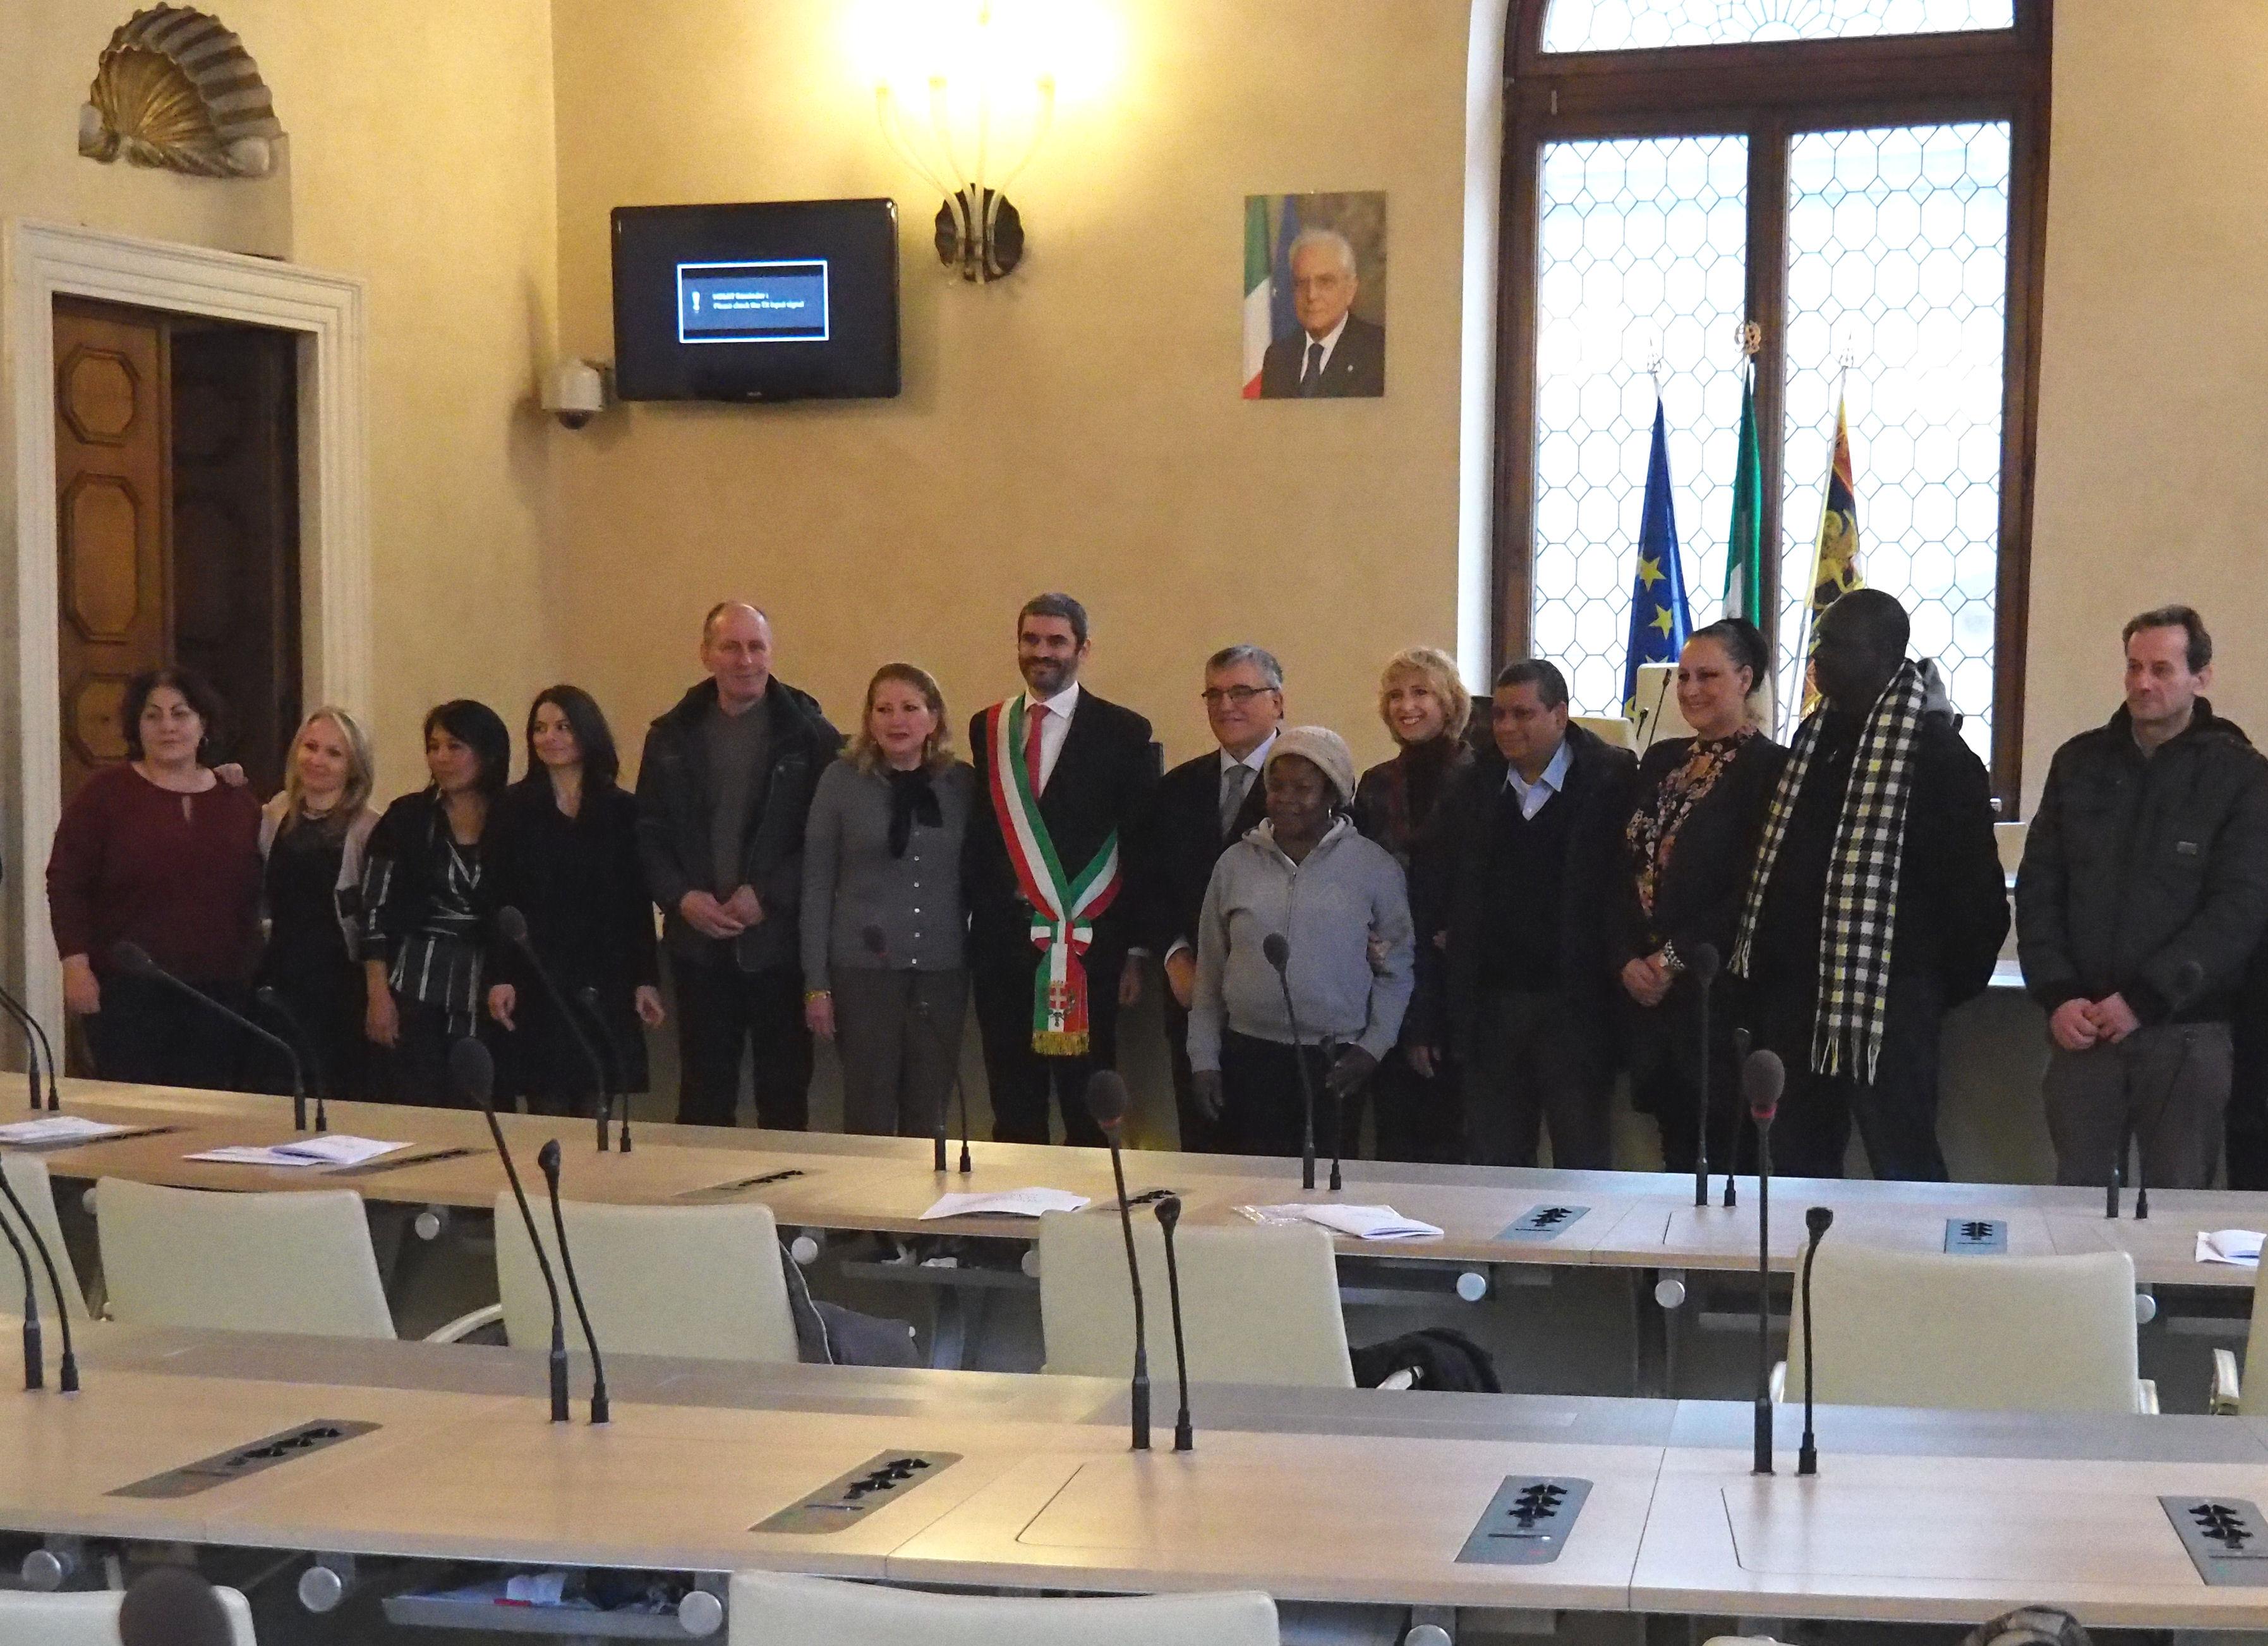 Ufficio Per Stranieri Vicenza : Immigrazione dieci gli stranieri espulsi in tre mesi dalla